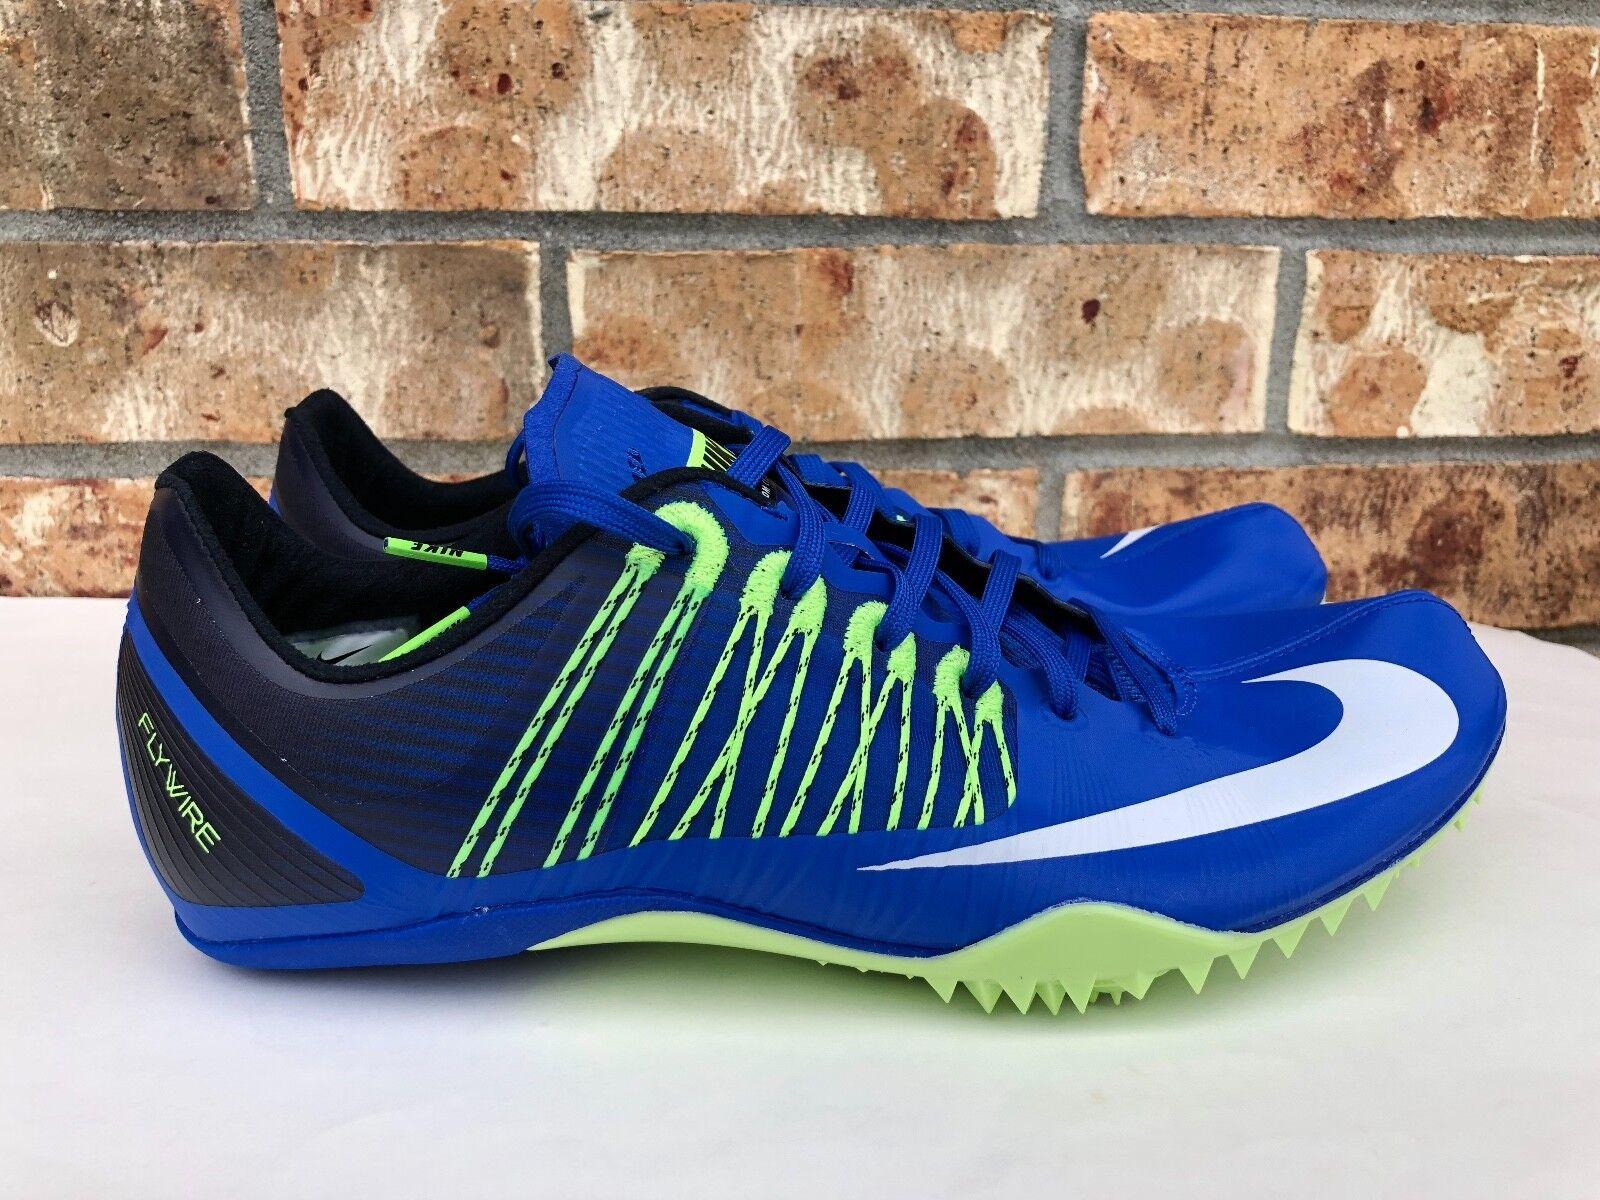 Men's Nike Zoom Celar 5 Track Sprint Spikes bluee Green Black White 629226-413